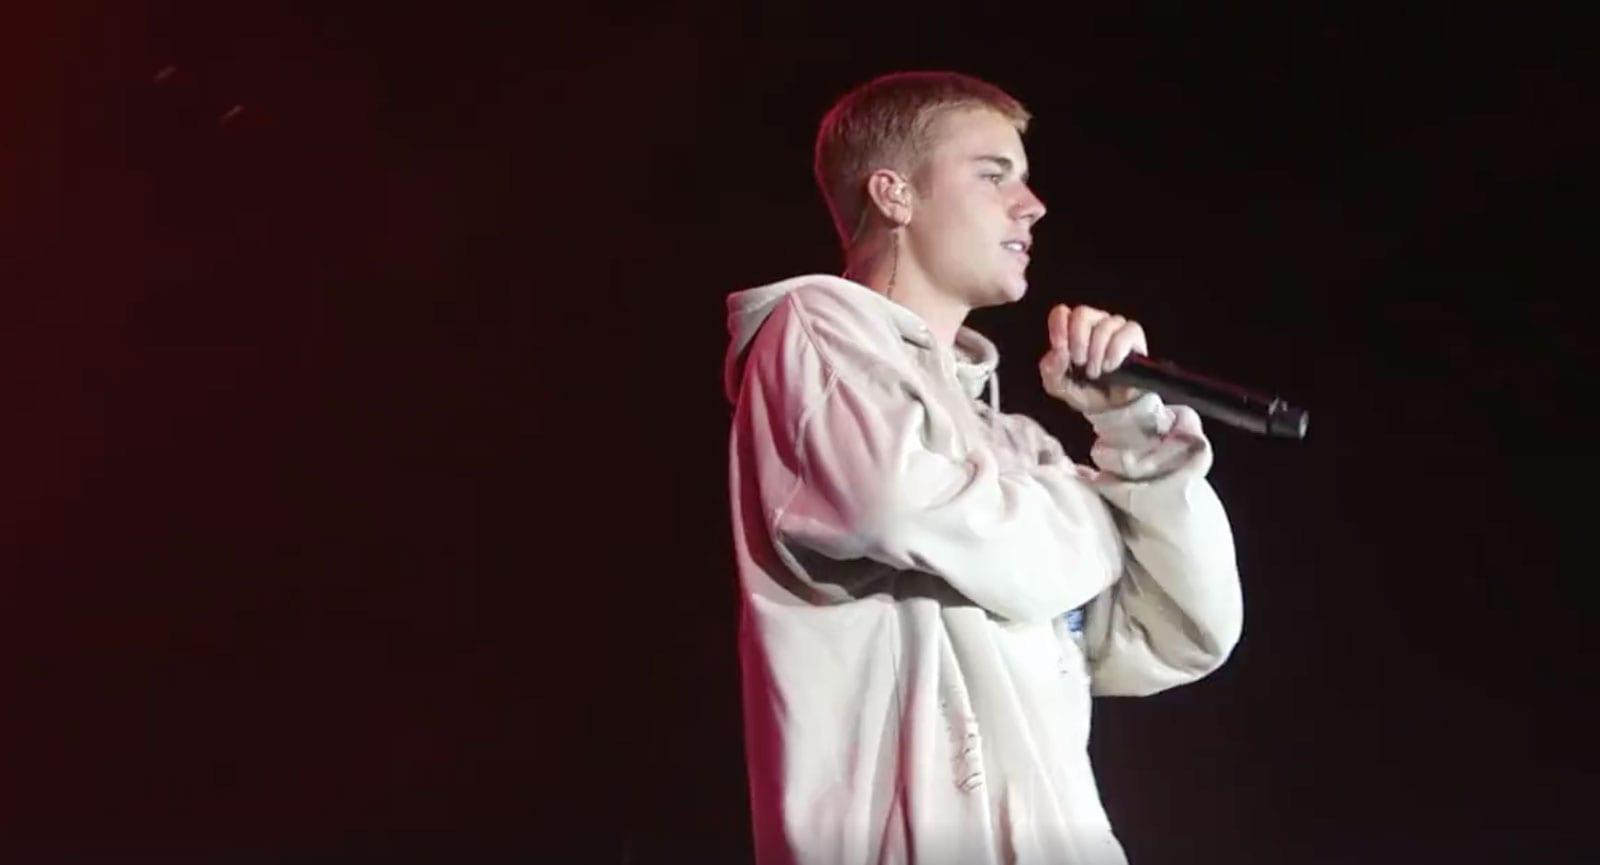 Justin Bieber talar fyrir Amor í nýrri teiknimynd